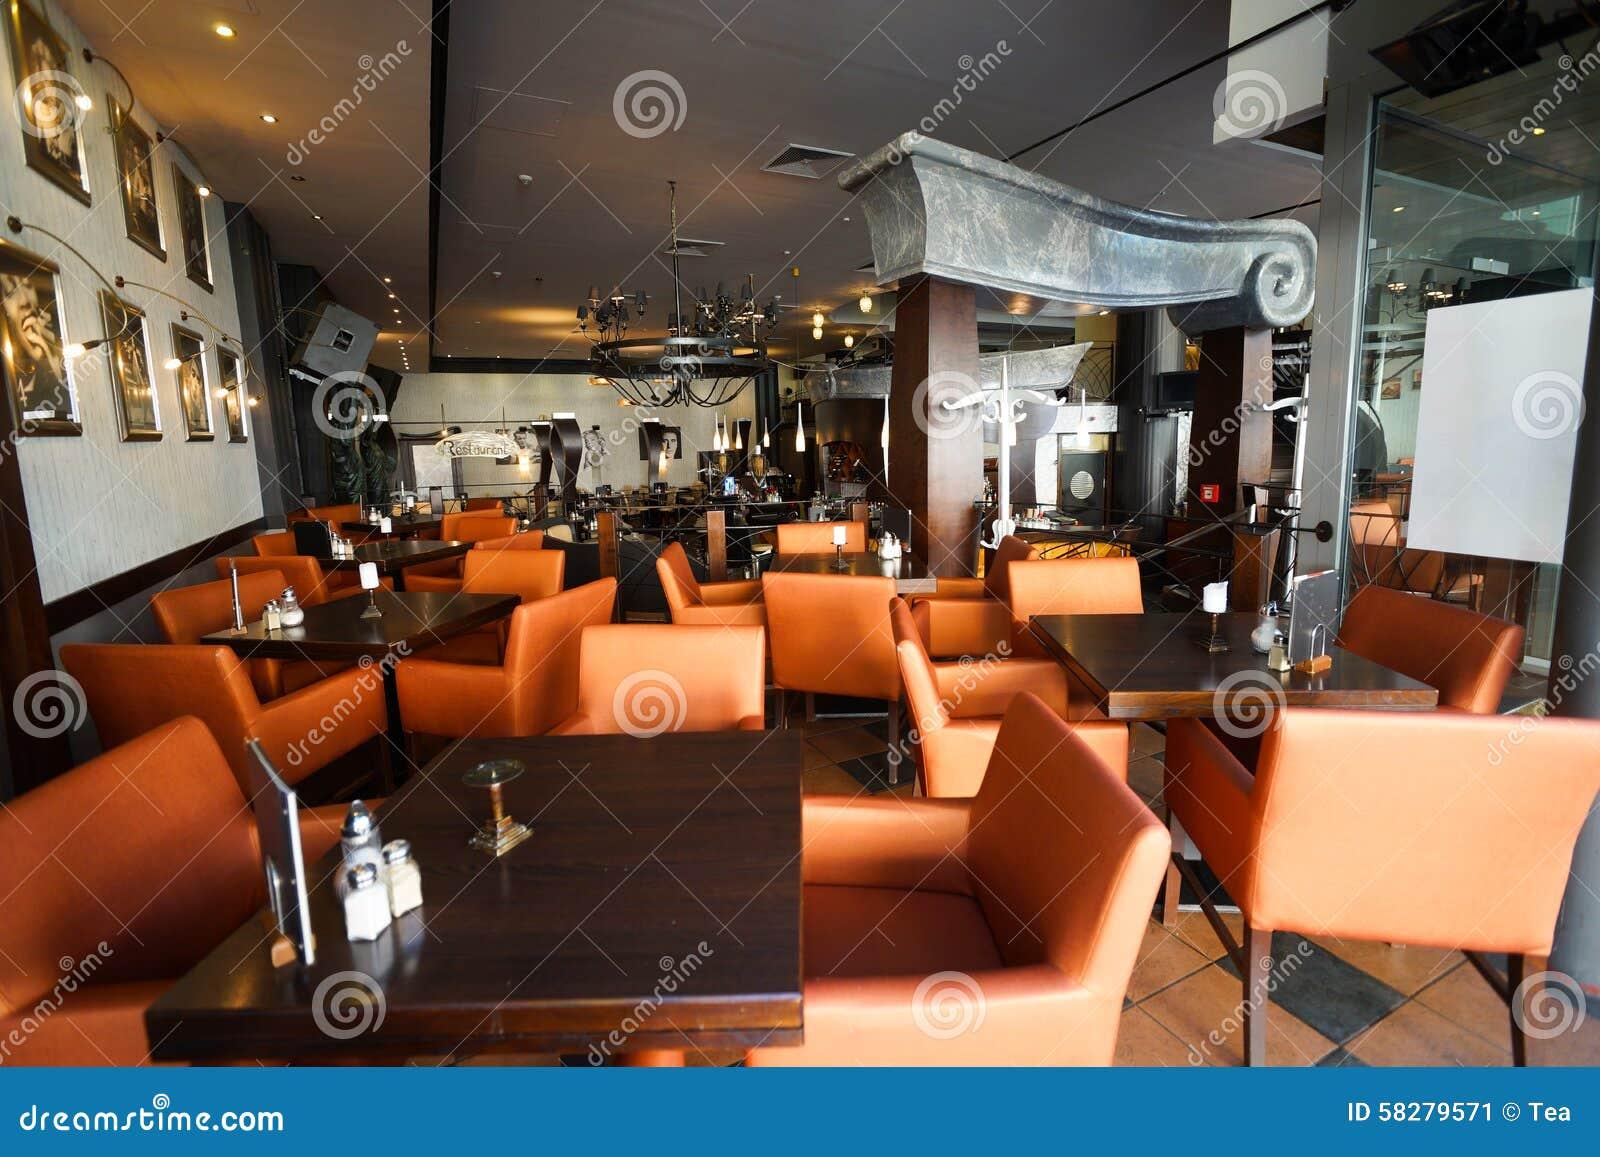 Restaurant interior editorial photo image